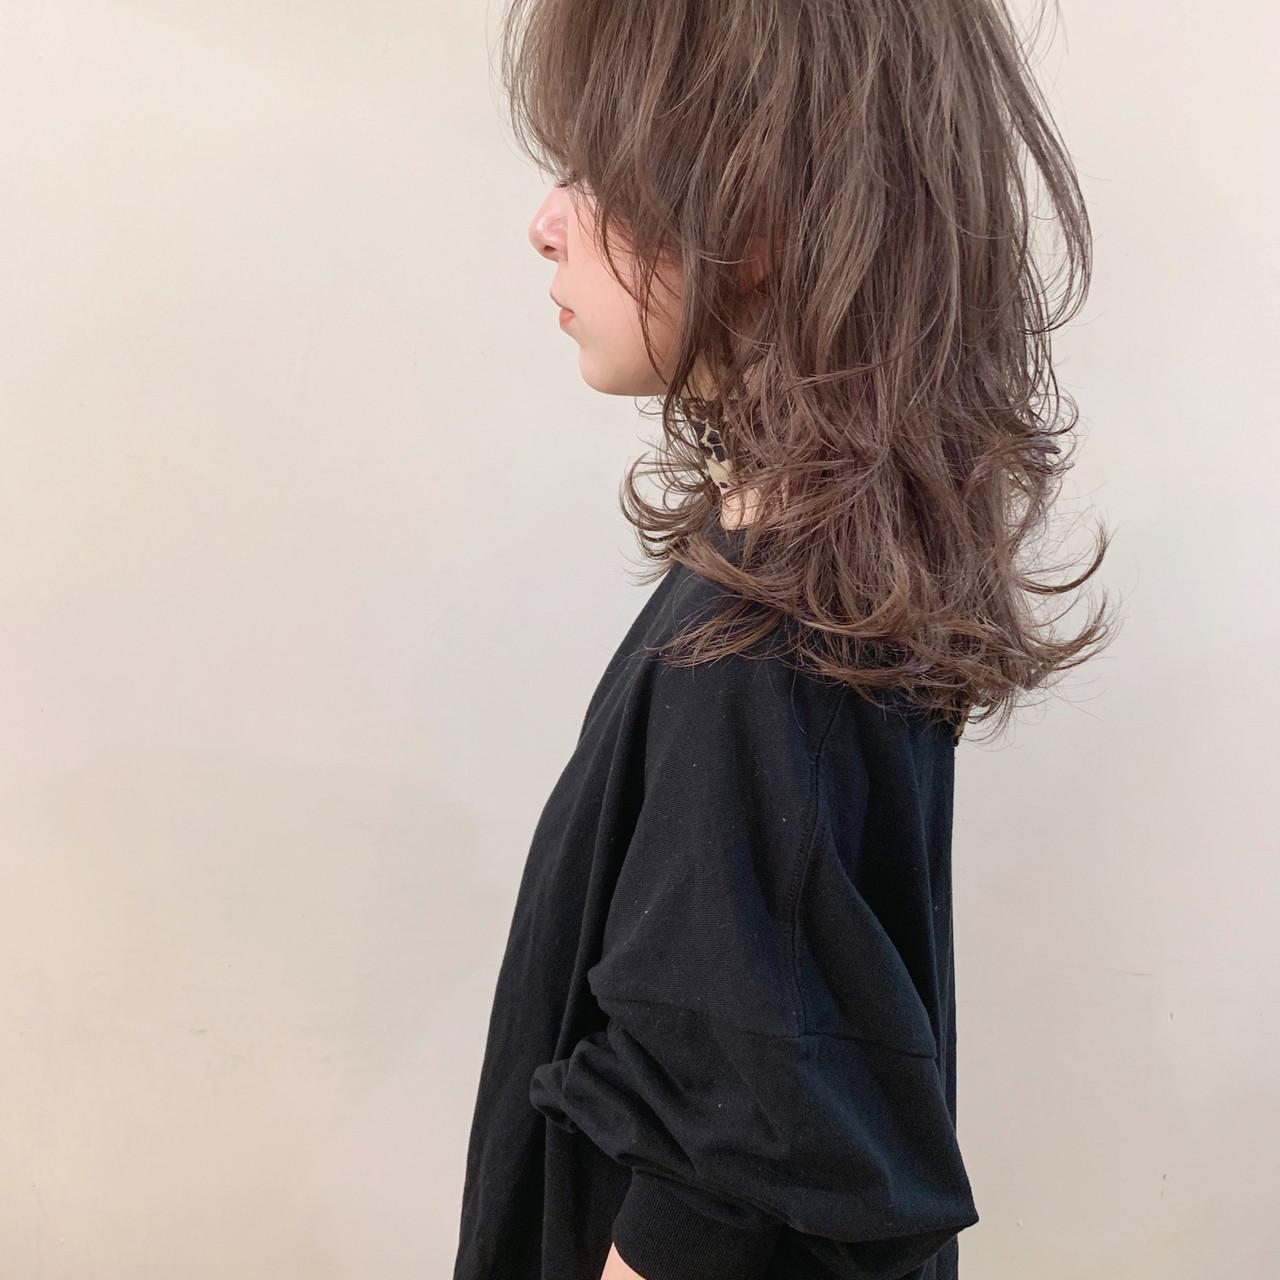 ゆるふわ ミディアム アンニュイほつれヘア オフィス ヘアスタイルや髪型の写真・画像